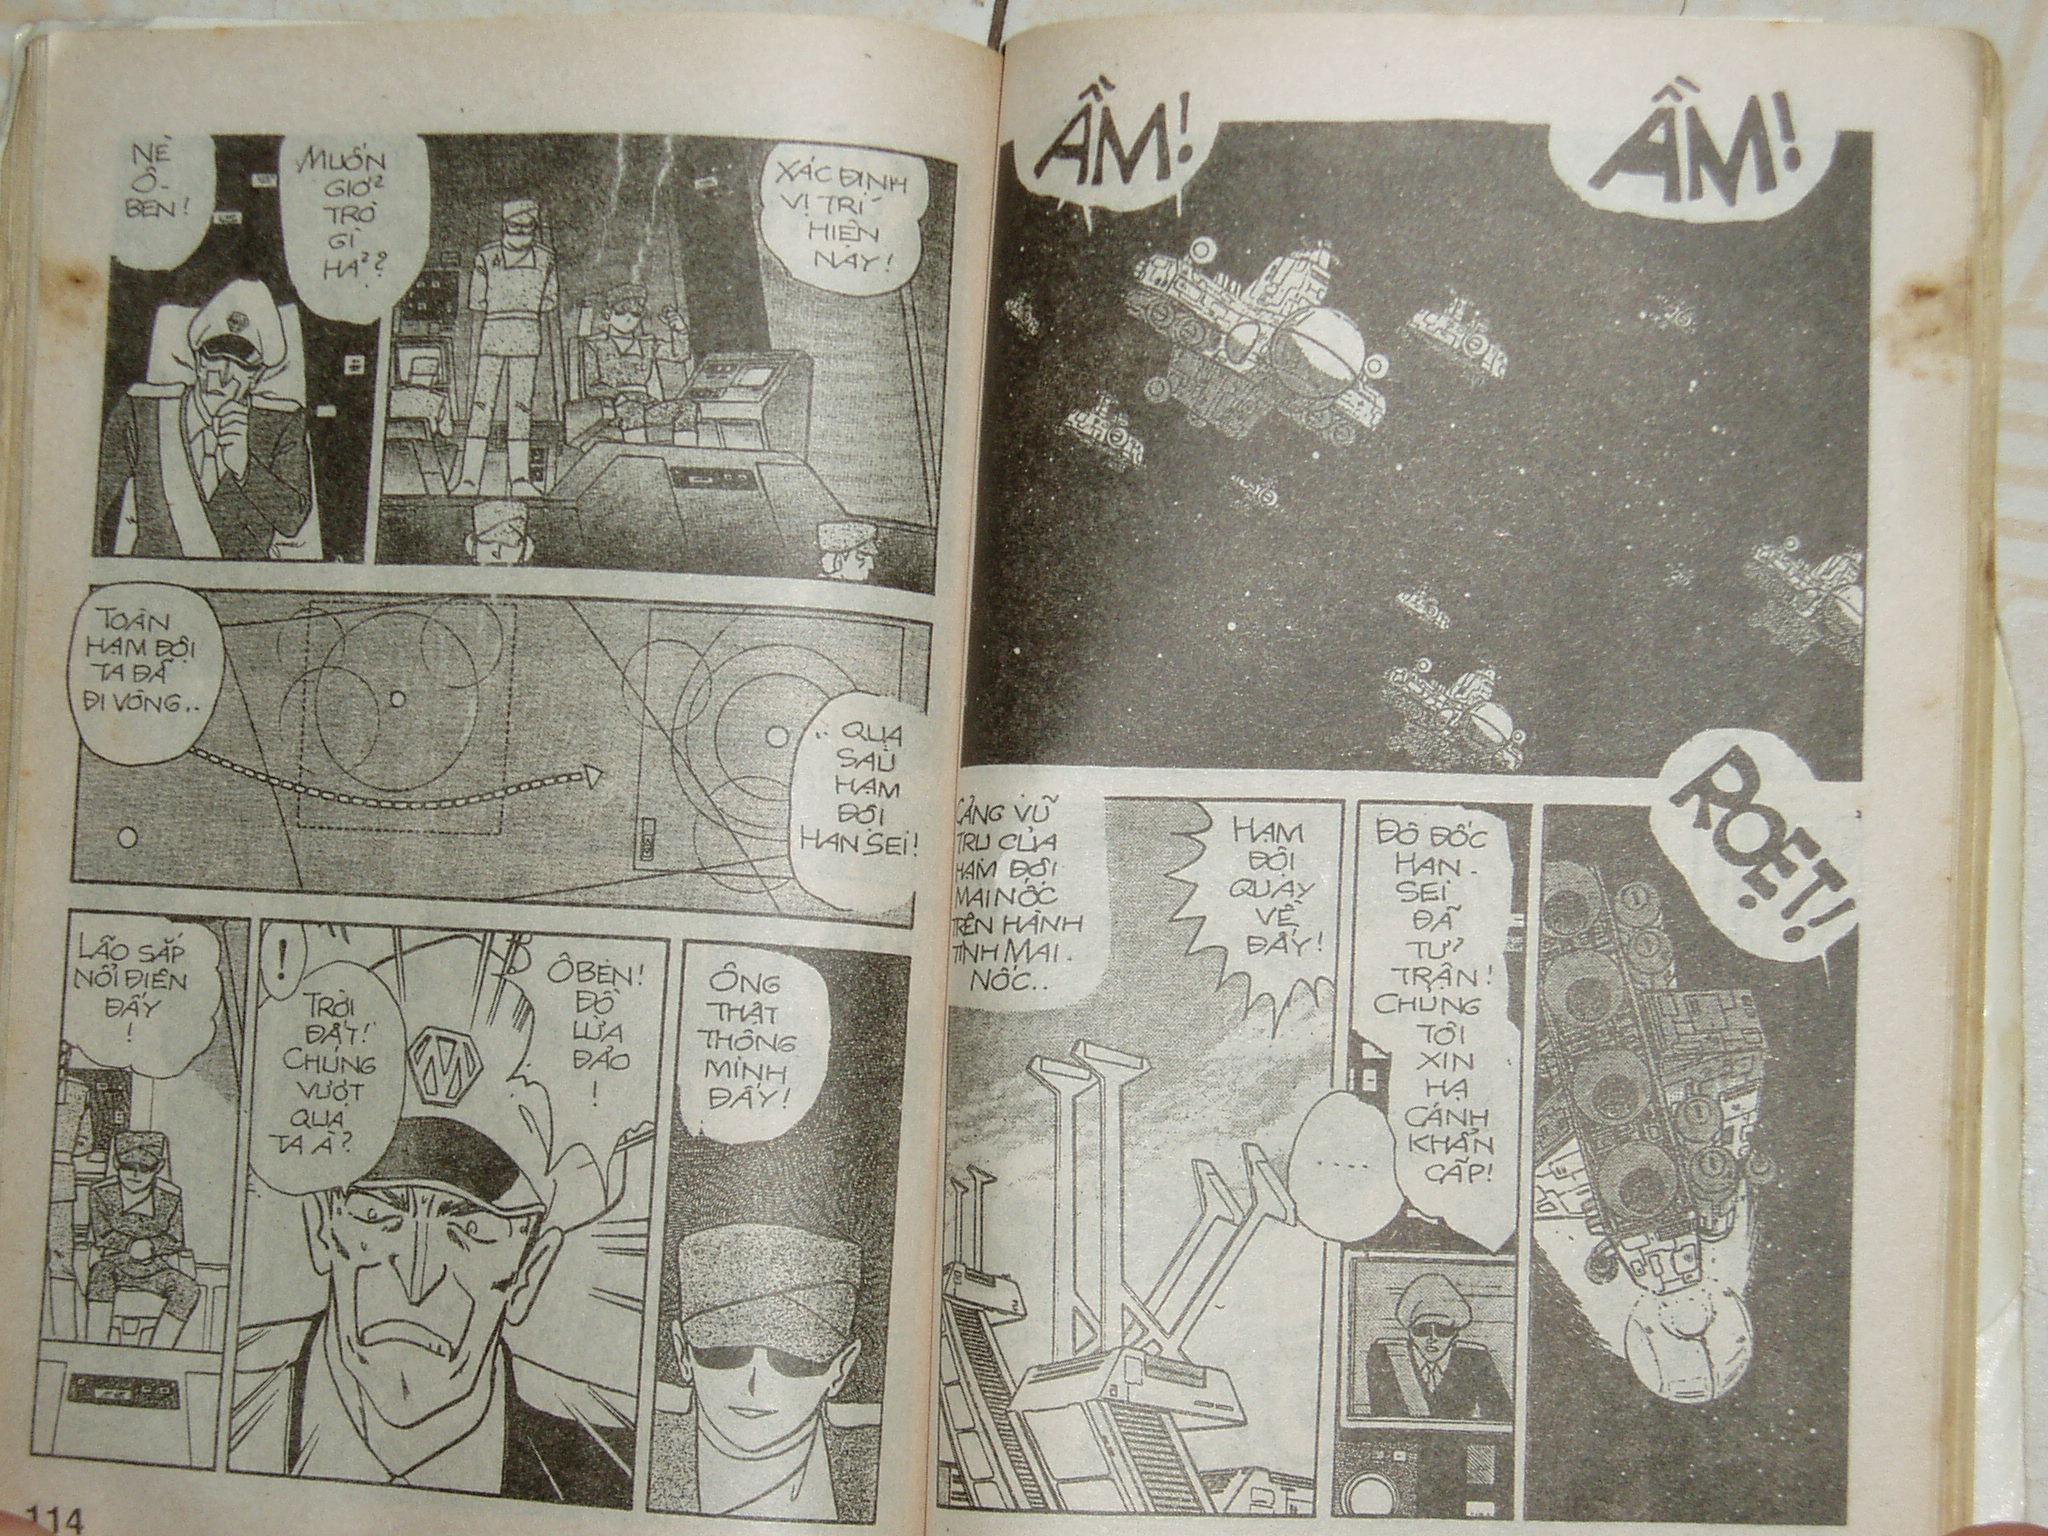 Siêu nhân Locke vol 13 trang 54